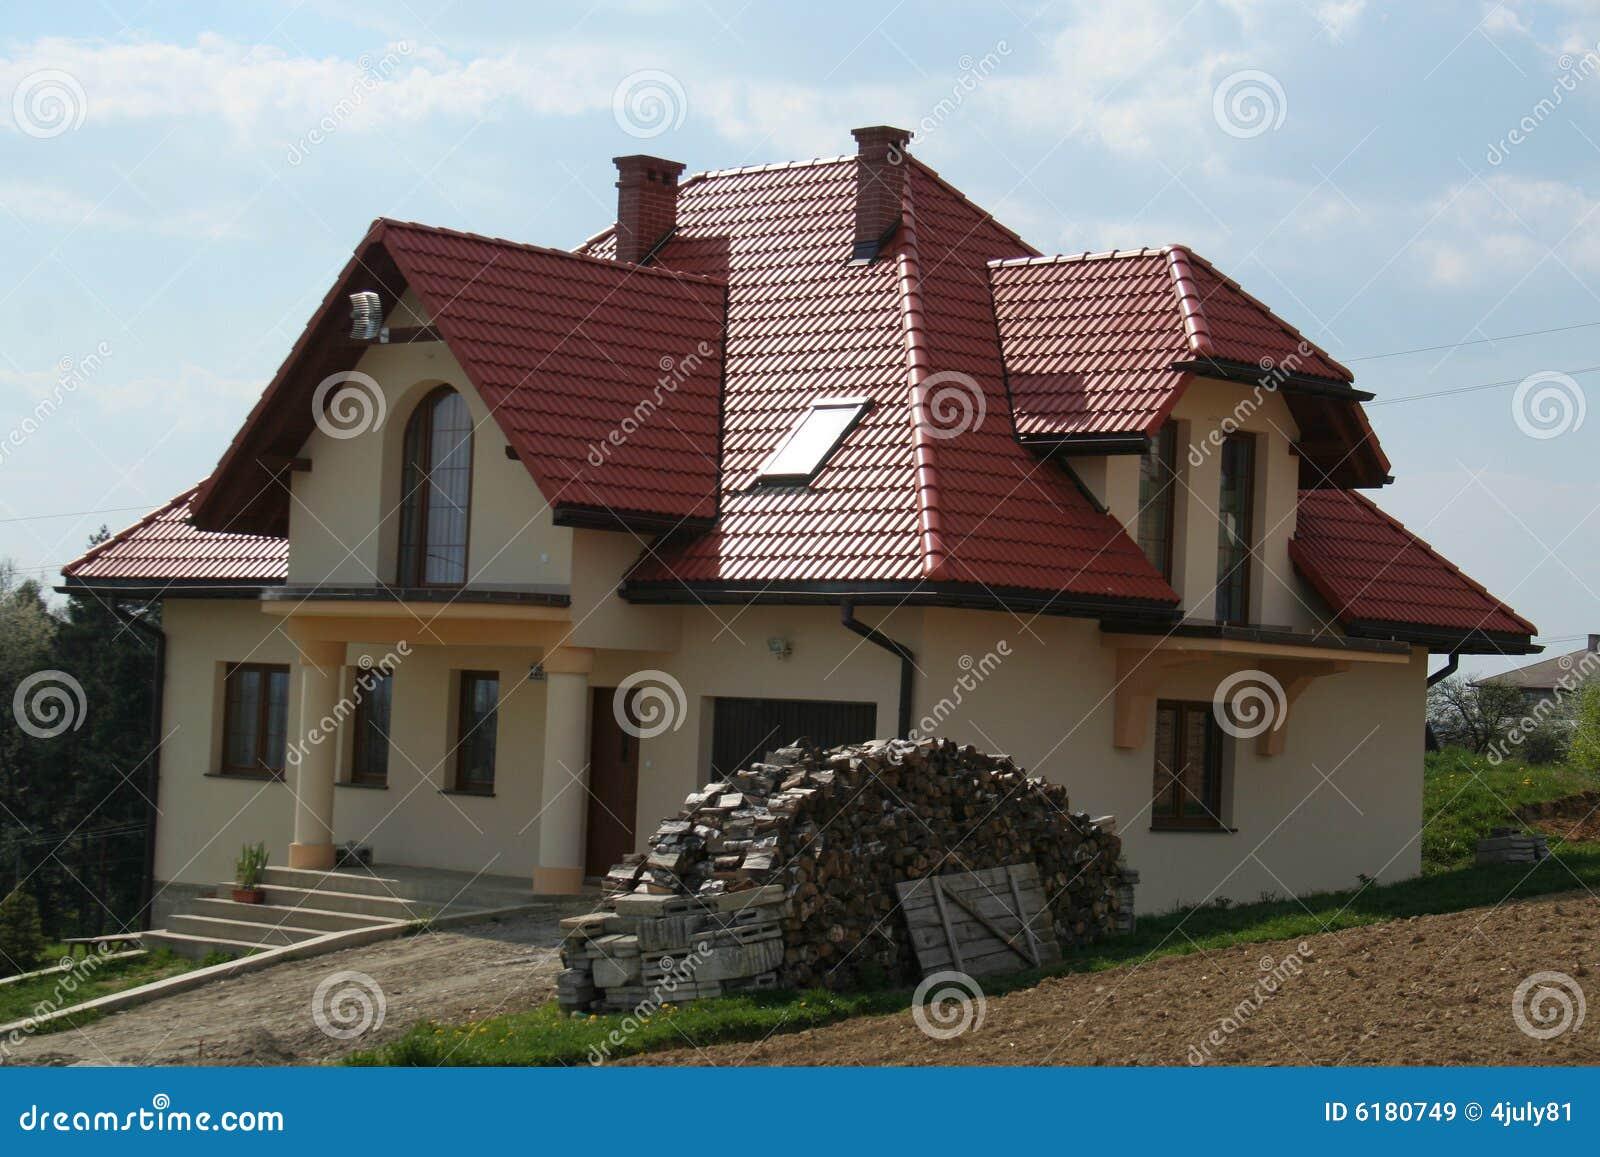 haus mit rotem dach lizenzfreie stockbilder bild 6180749. Black Bedroom Furniture Sets. Home Design Ideas